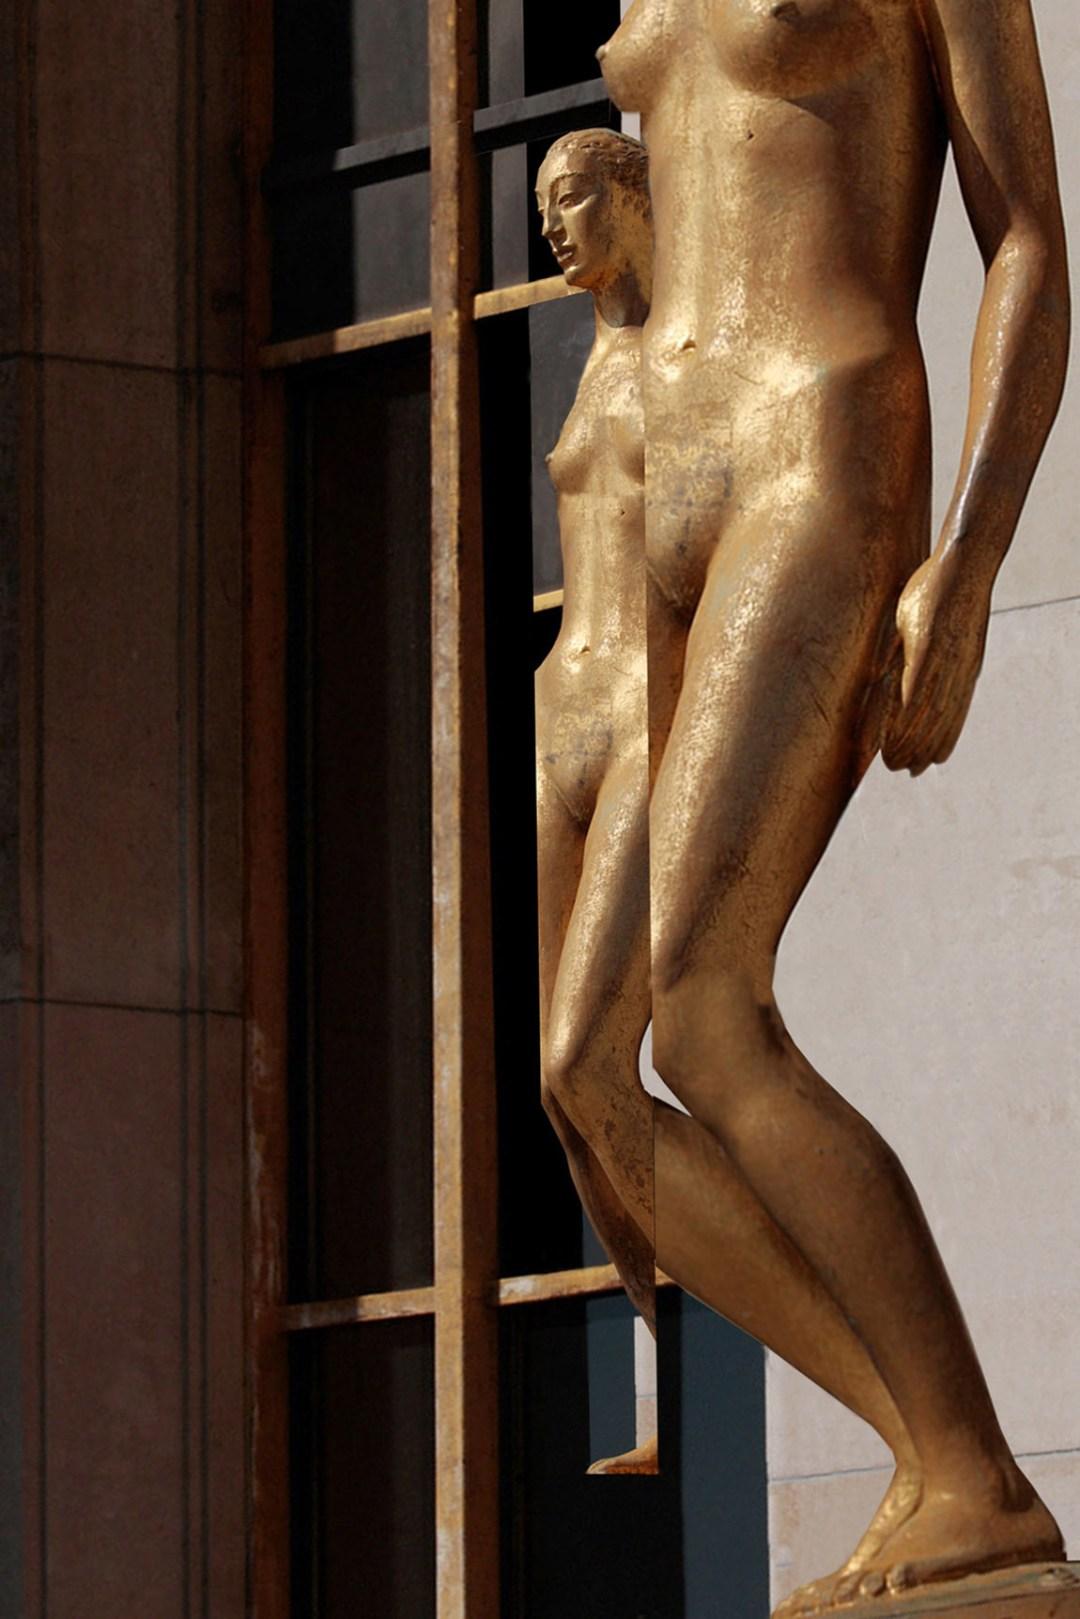 Wolfgang Ahrens Goldene Statuen am Palais de Chaillot, Place du Trocadero 2009